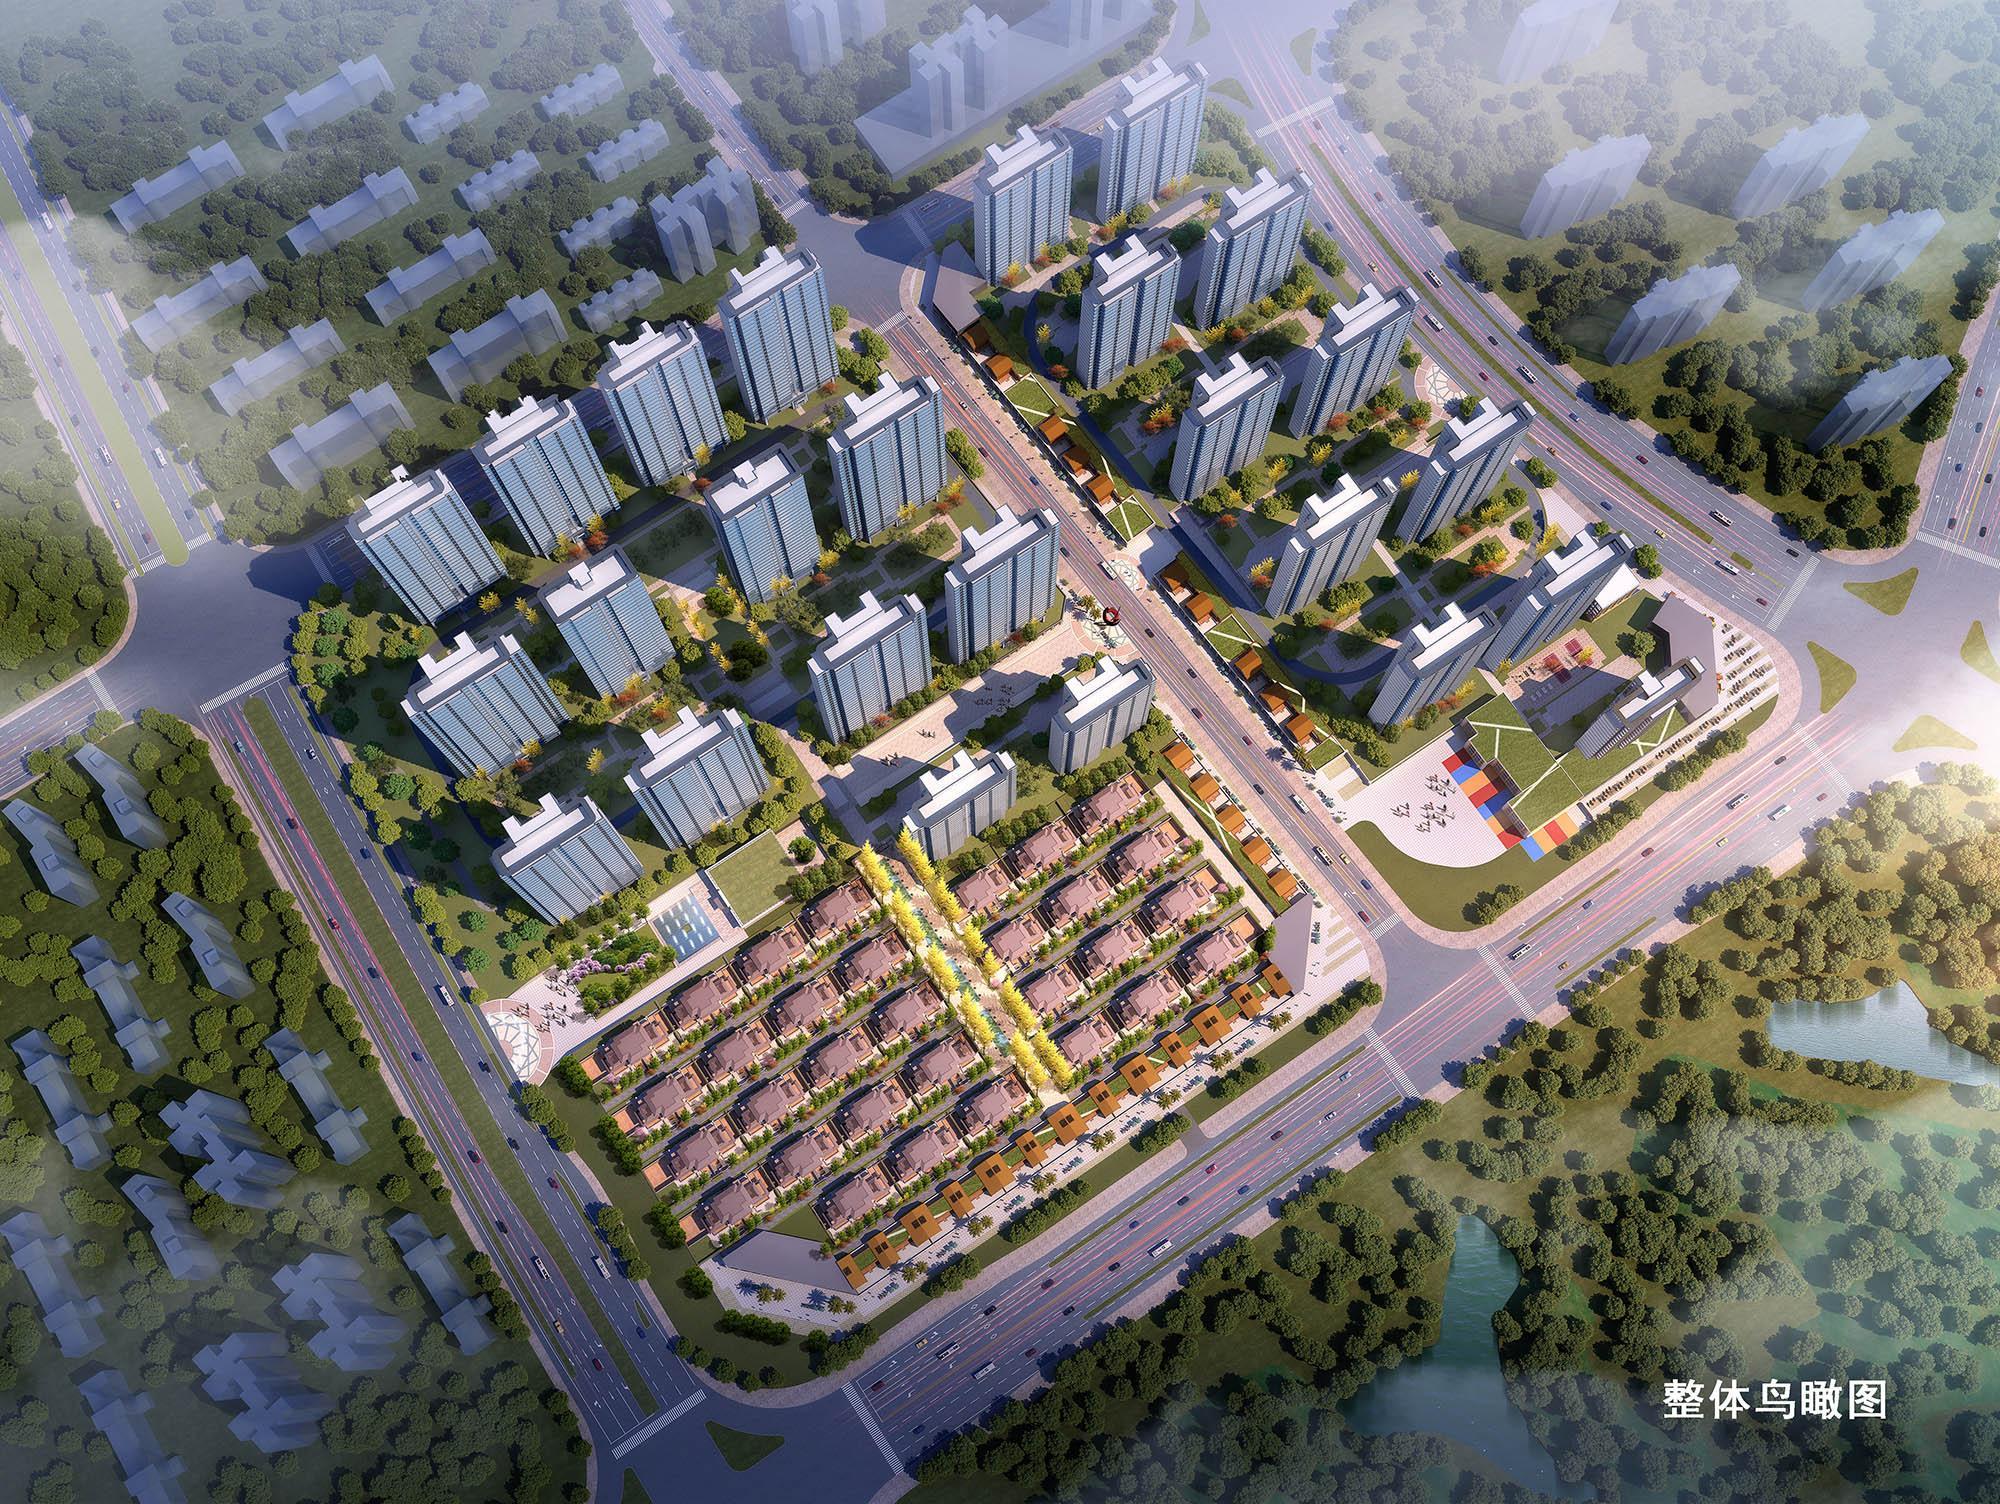 萍乡楼市新房天润·海棠湾楼盘鸟瞰效果图